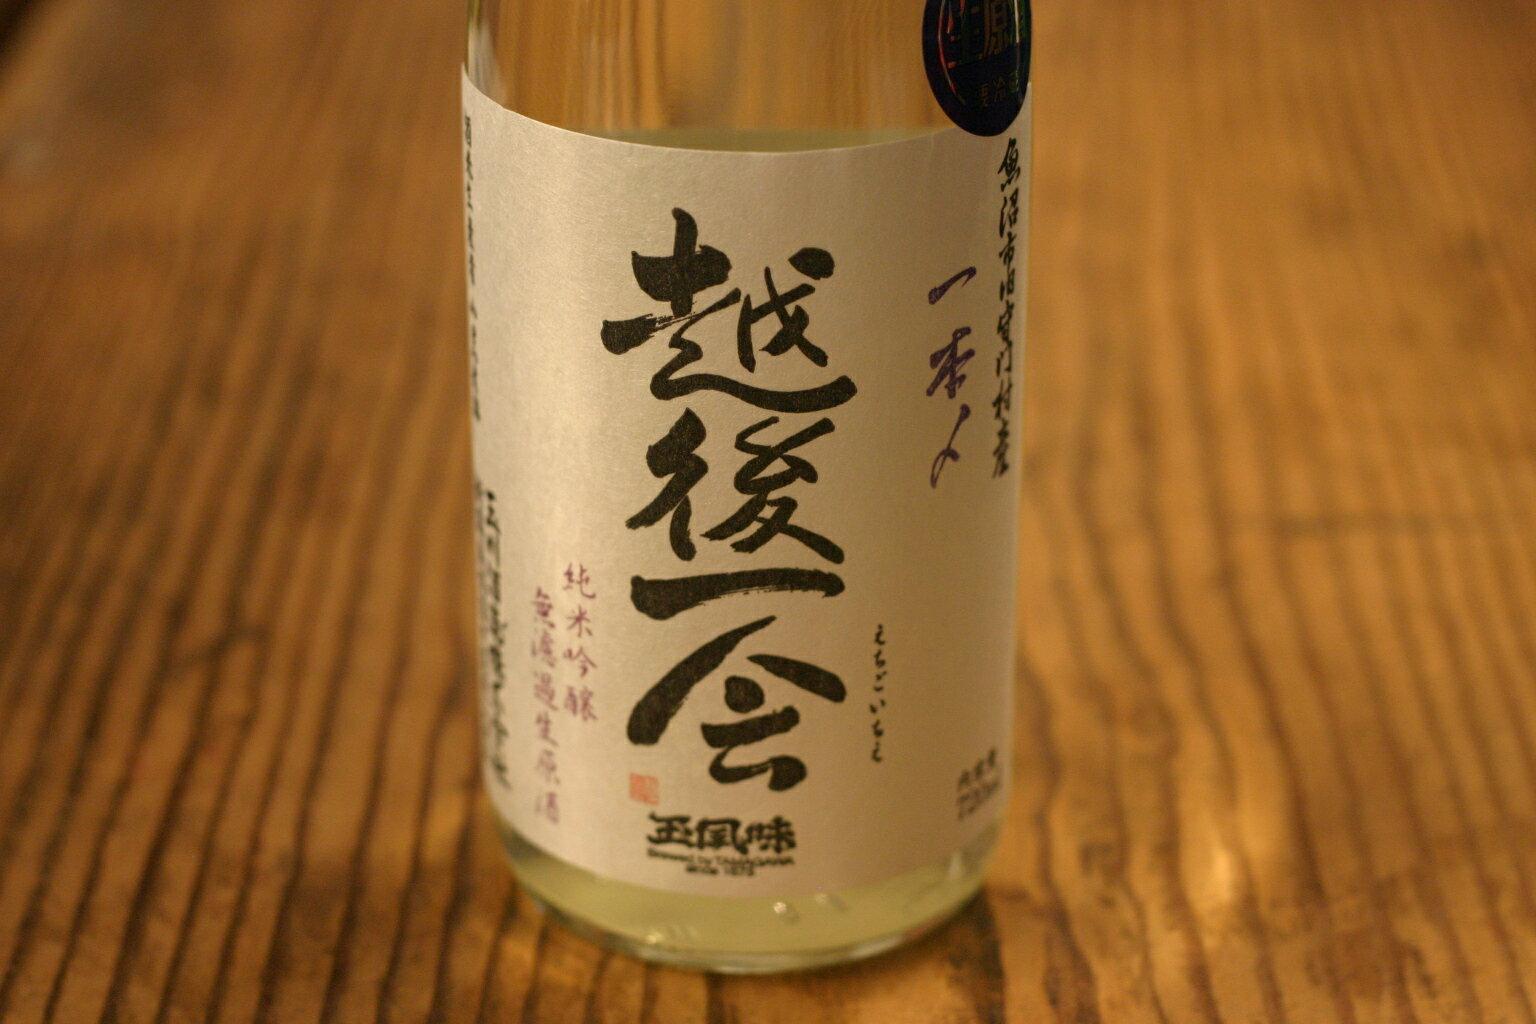 玉川酒造 越後一会一本〆 無濾過生原酒 1.8L